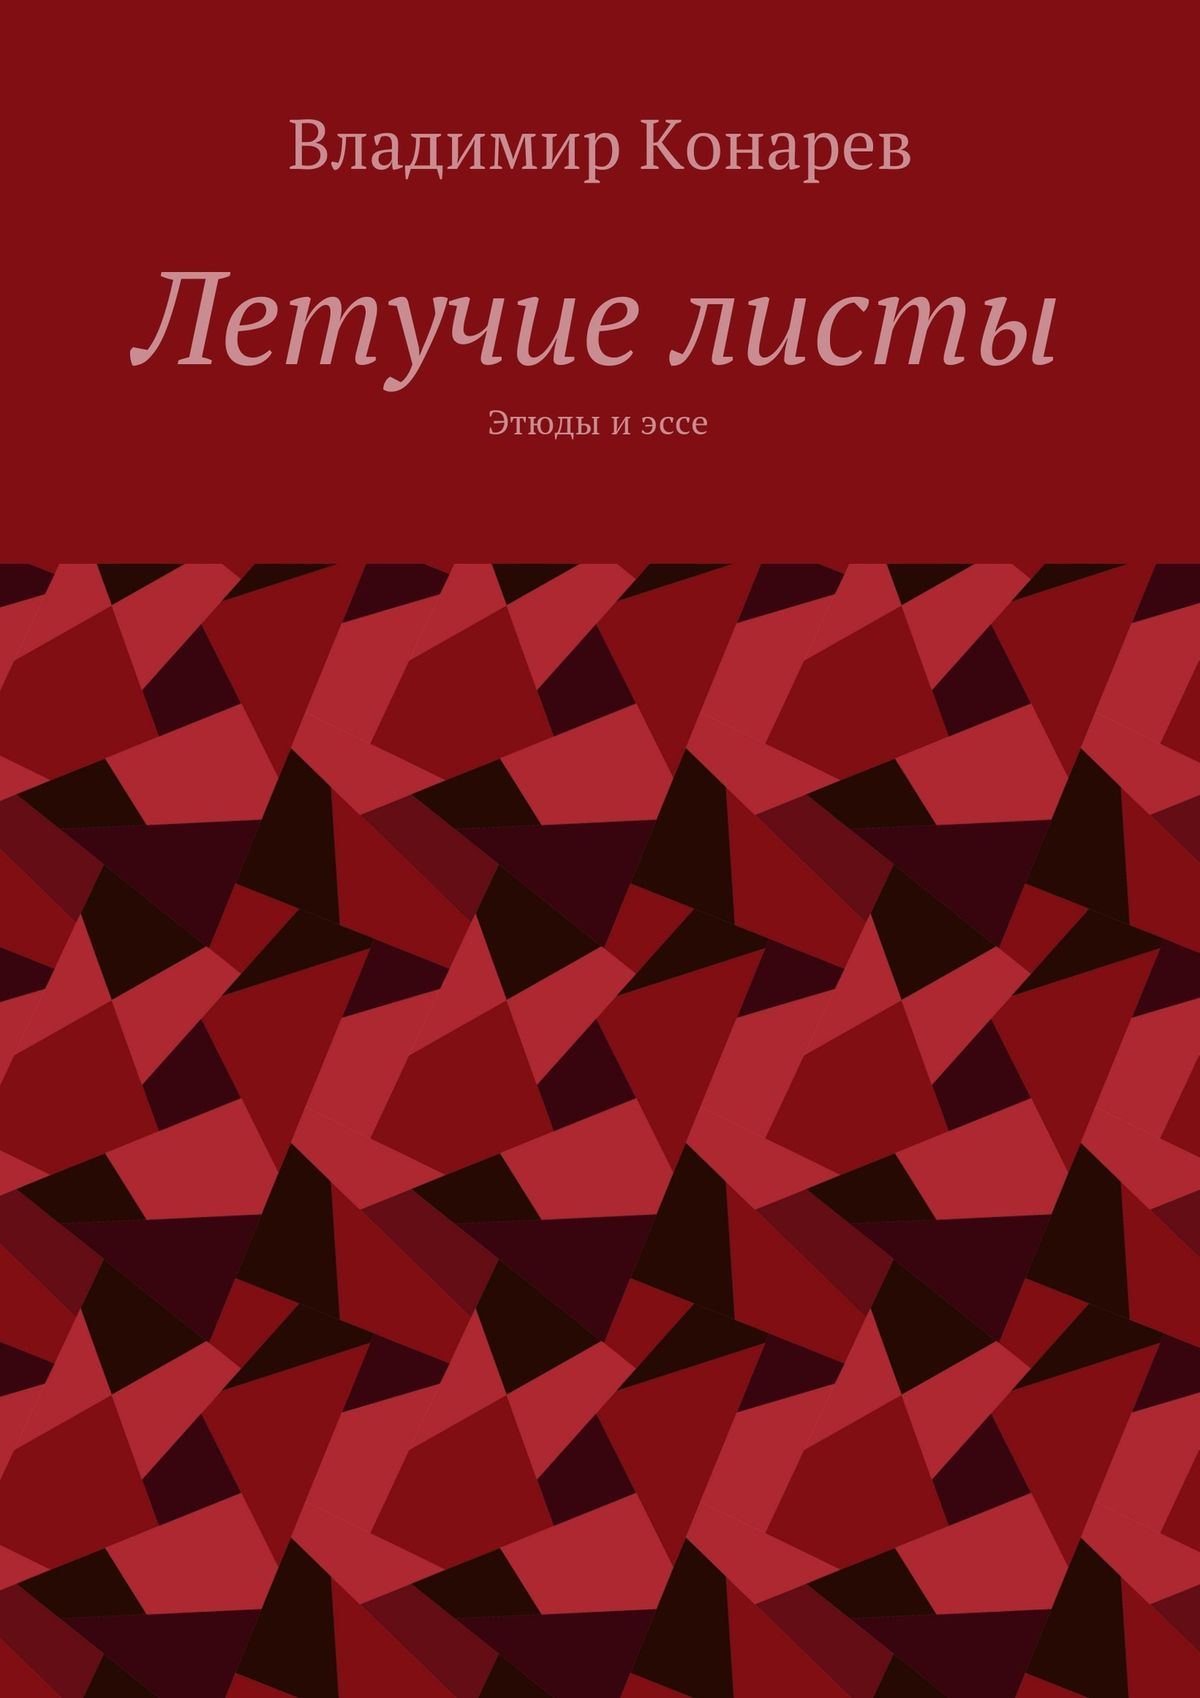 Владимир Конарев Летучие листы. Этюды иэссе елена светова путнику мысли приходящие